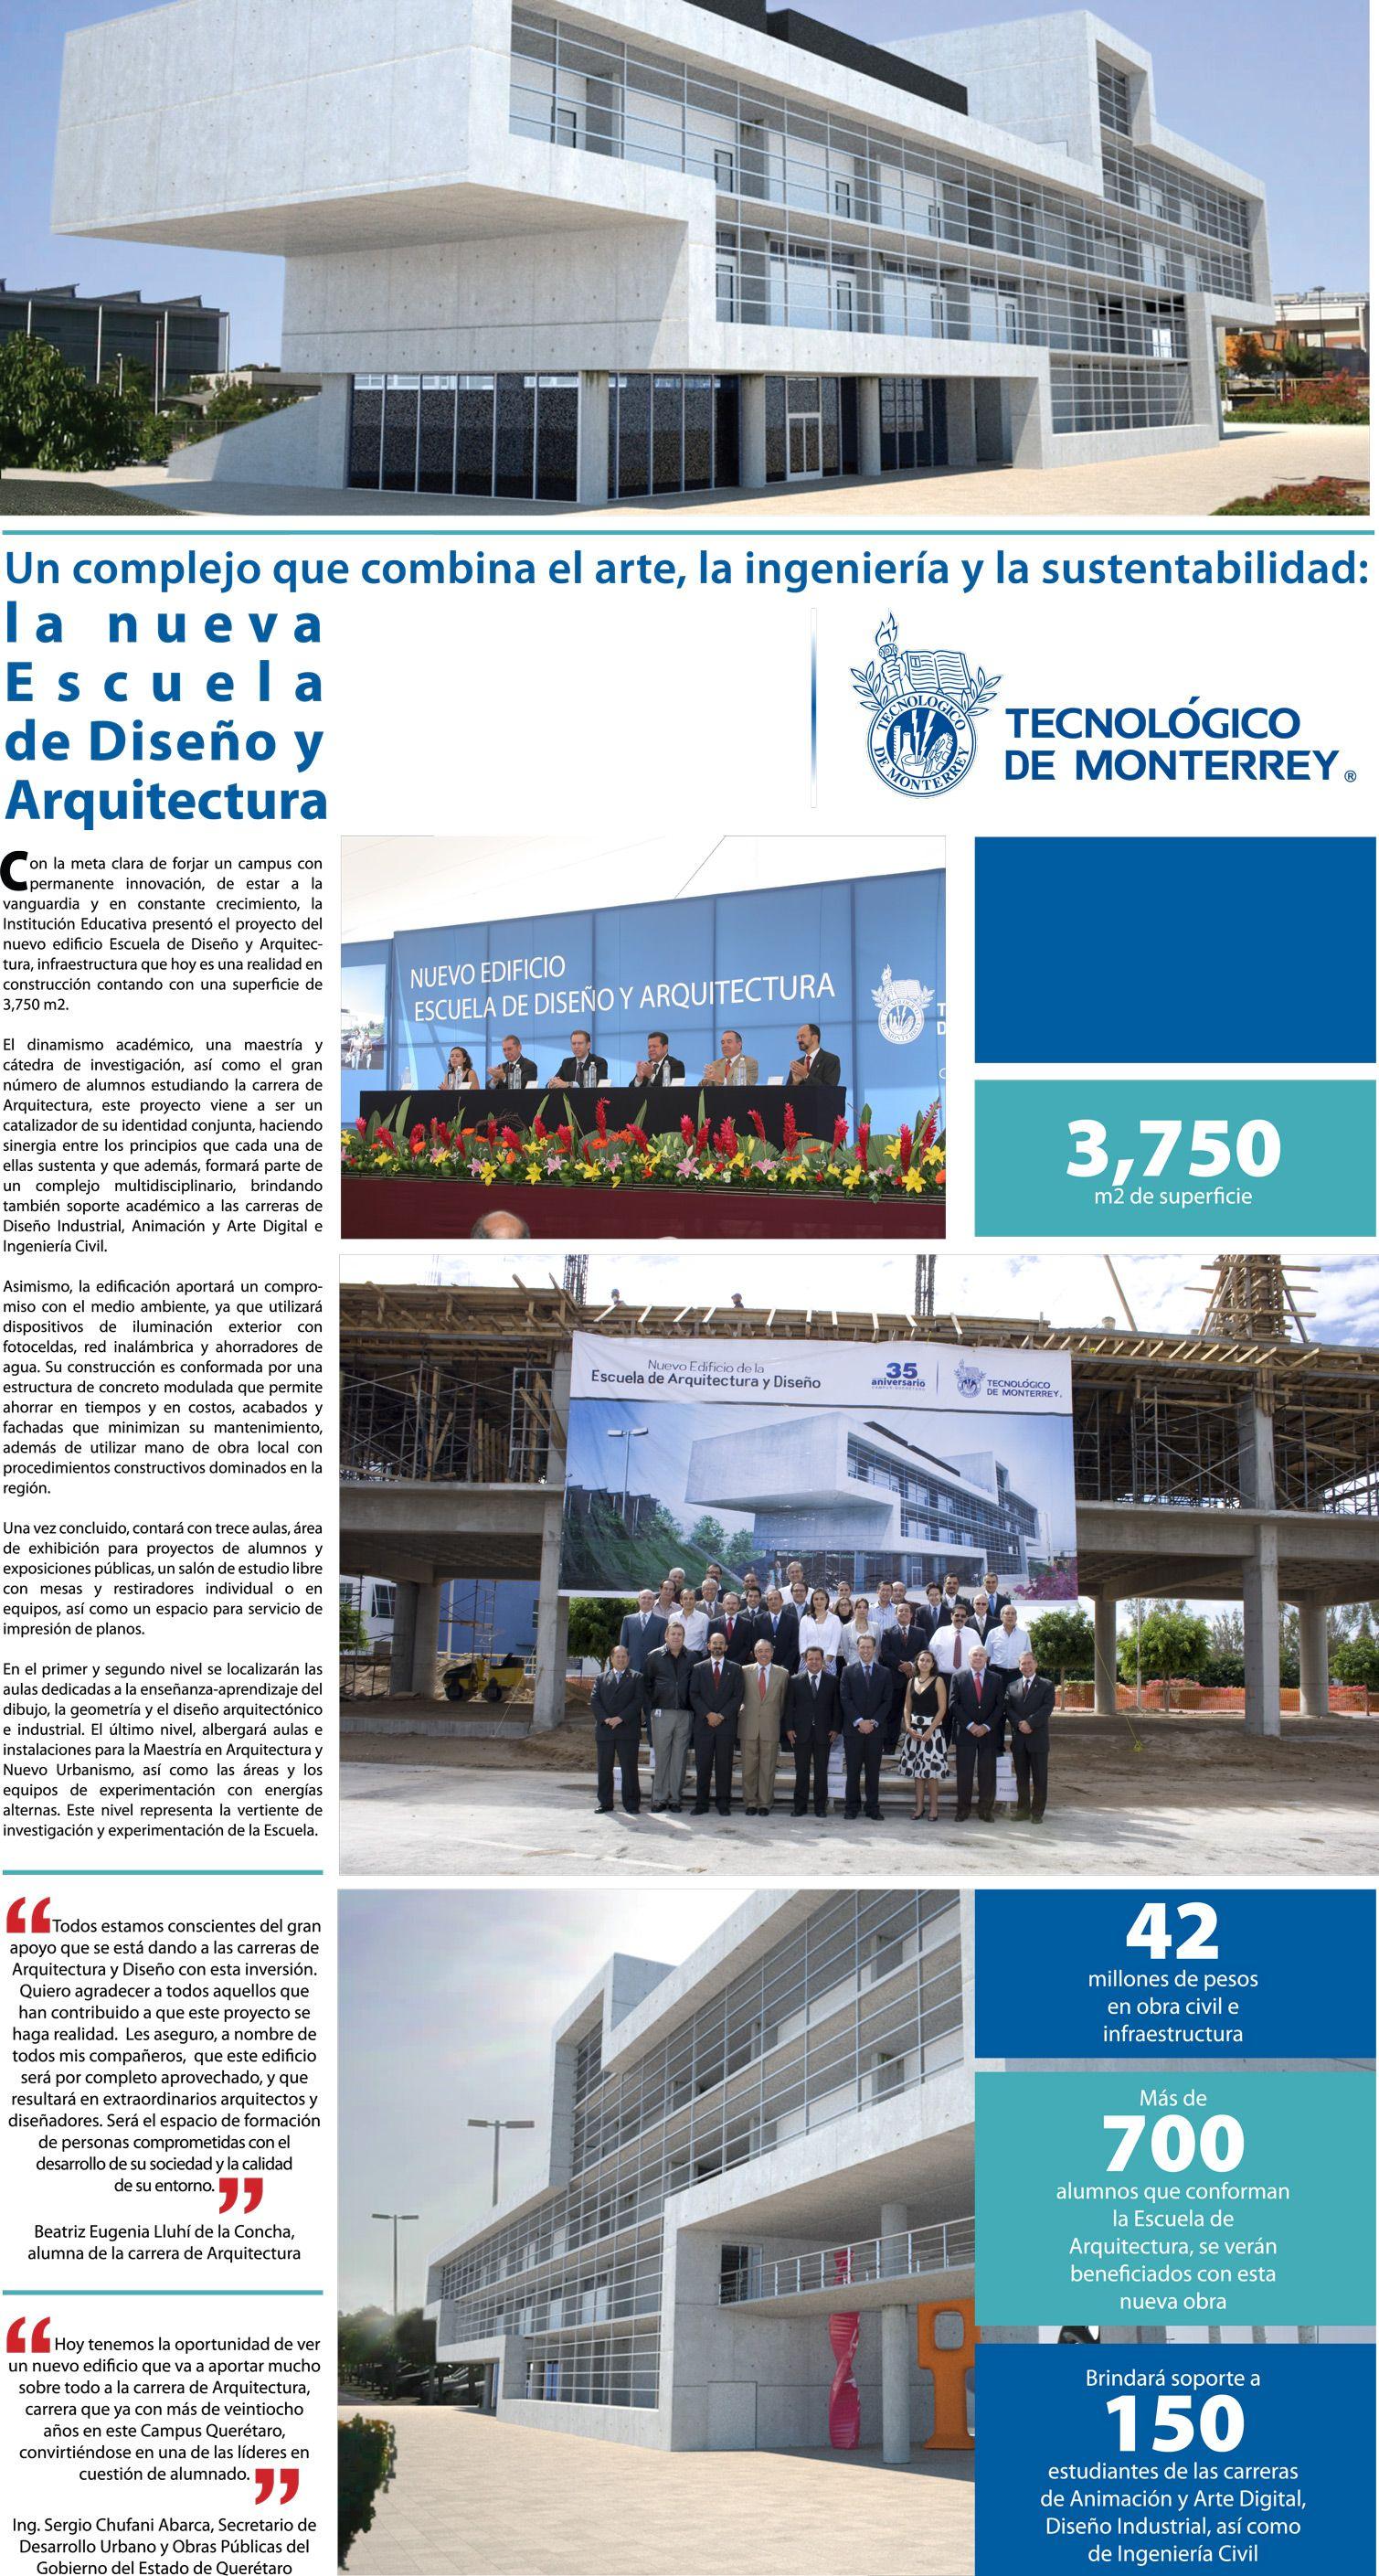 En el Tecnológico de Monterrey se cuenta con las mejores instalaciones.